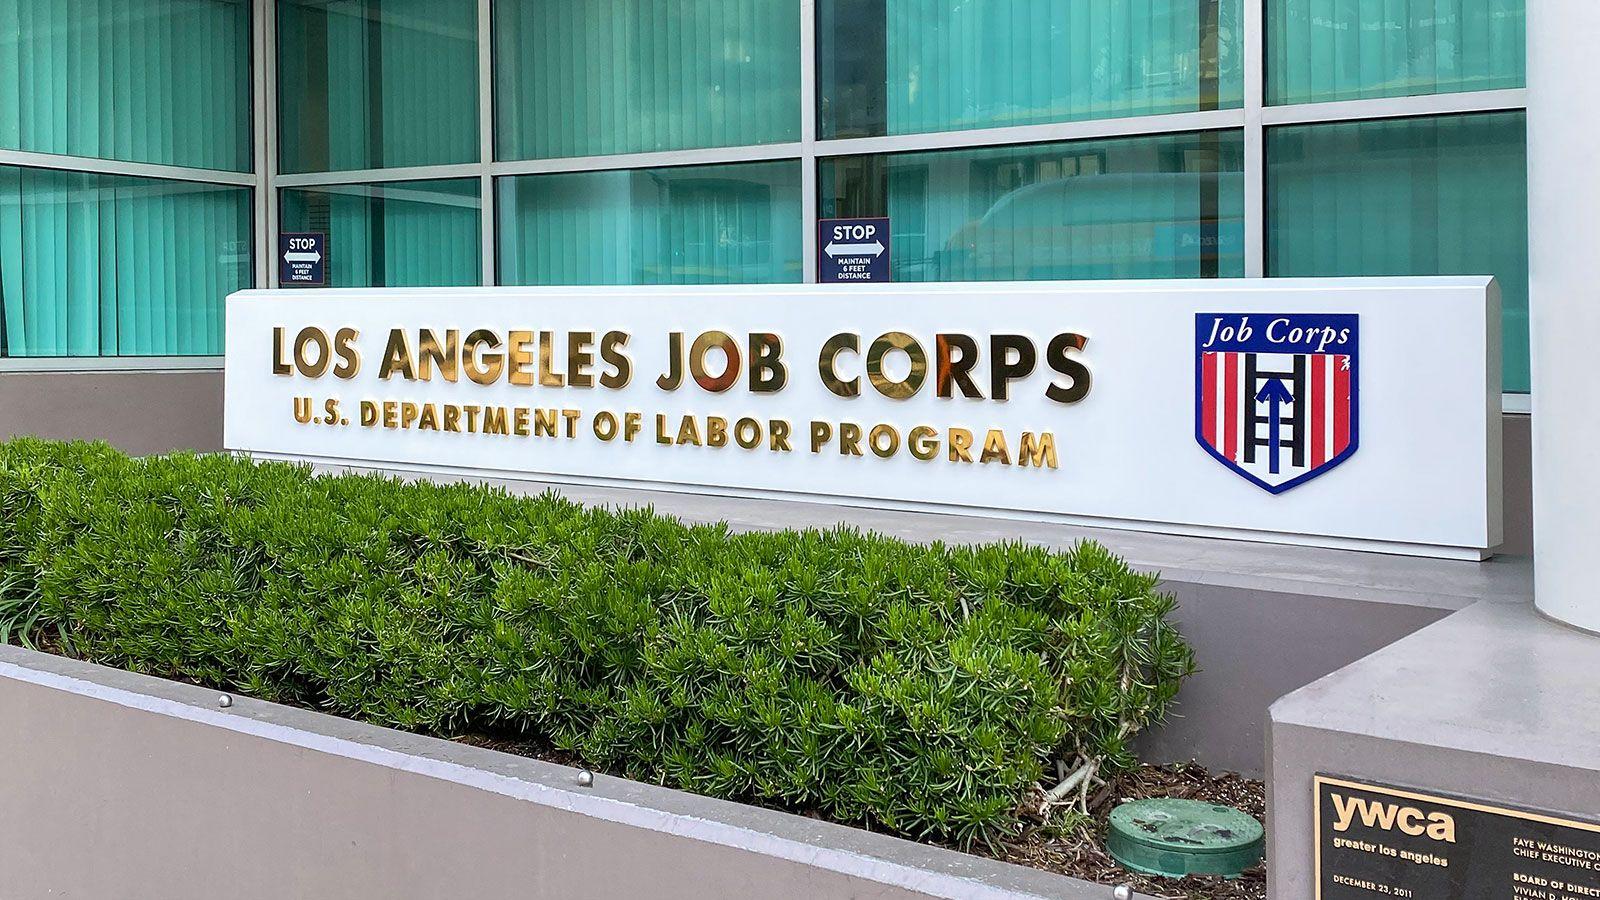 LA job corps 3d letters